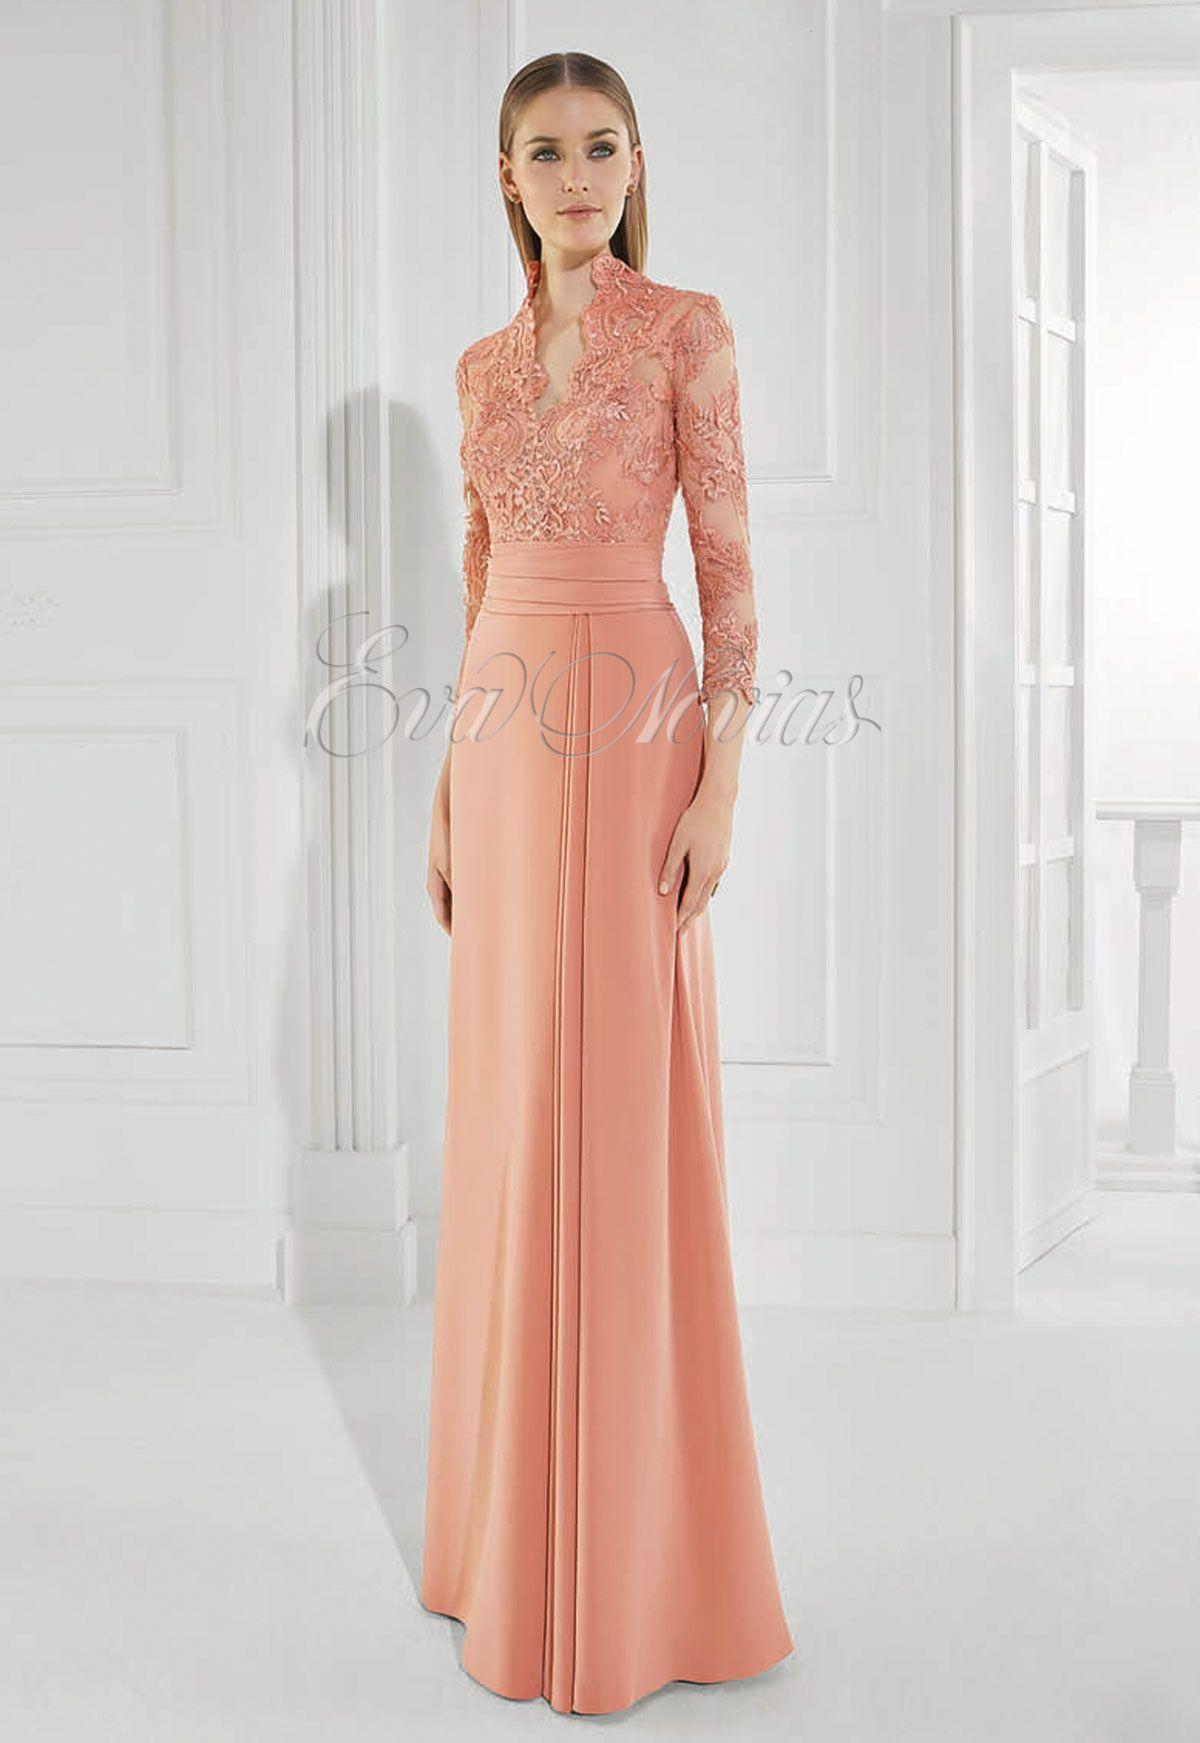 f21a97d8c1 Vestido de fiesta Patricia Avendaño 2016 Modelo 3008 en Eva Novias Madrid.   vestido  moda  fashion  dress  madrina  tienda  madrid  boda  redcarpet